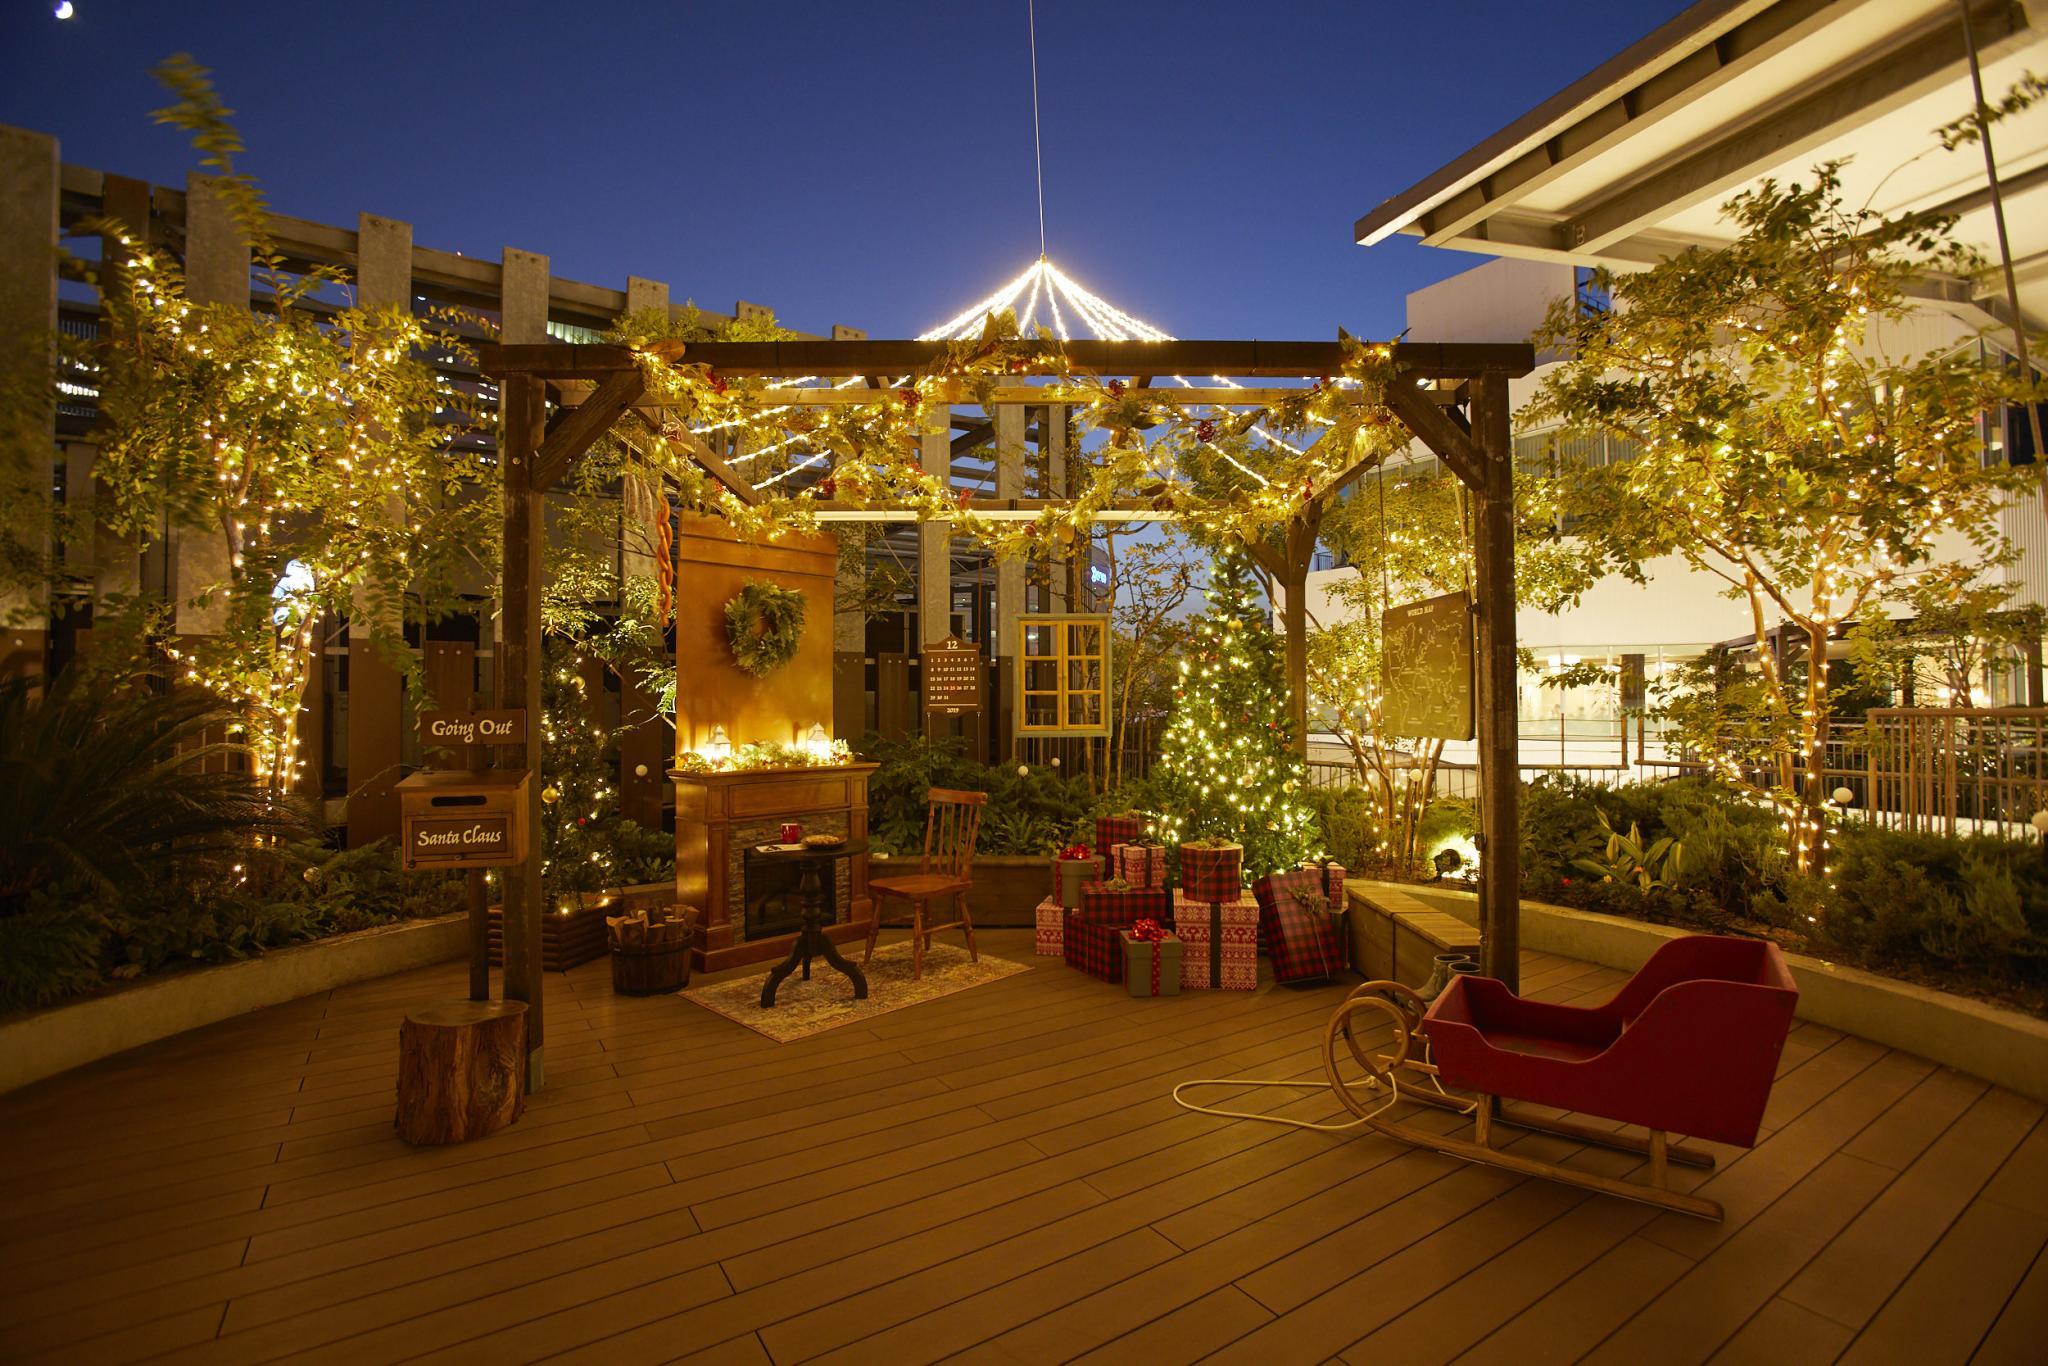 【ガーデン】サンタの家のフォトスポット